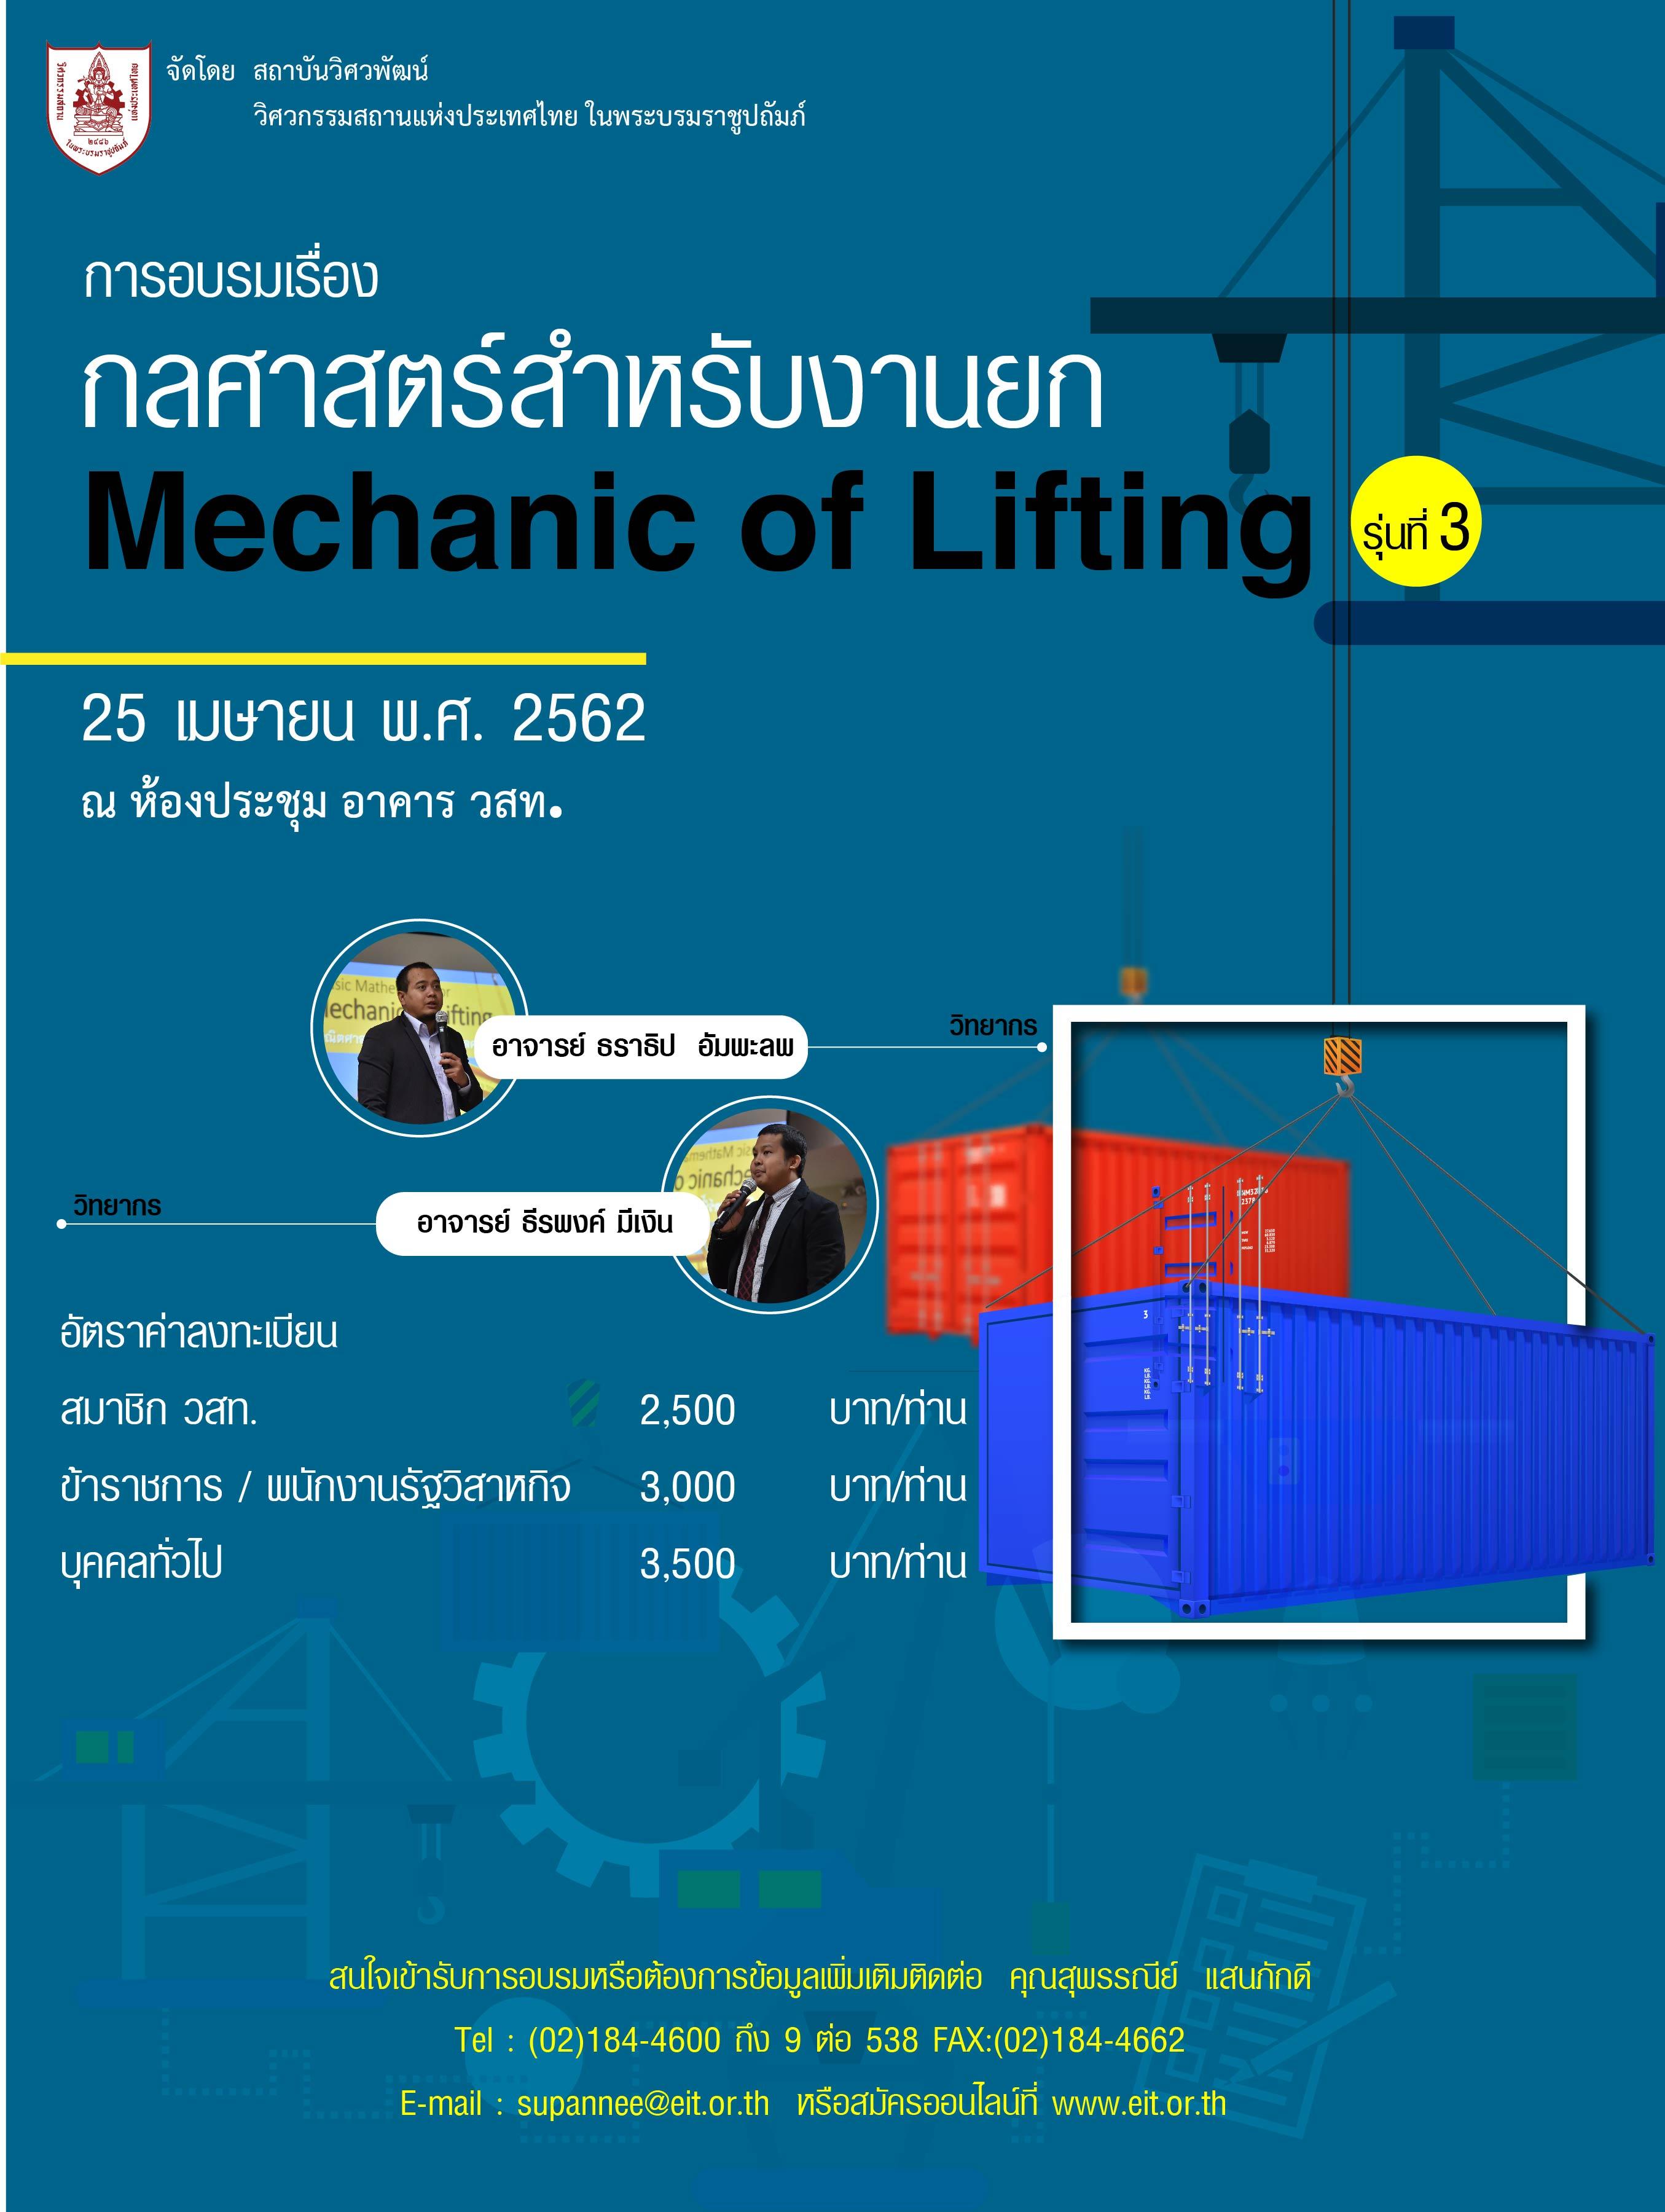 25/04/2562 การอบรมเรื่อง กลศาสตร์สำหรับงานยก  (Mechanic of Lifting)  รุ่นที่ 3